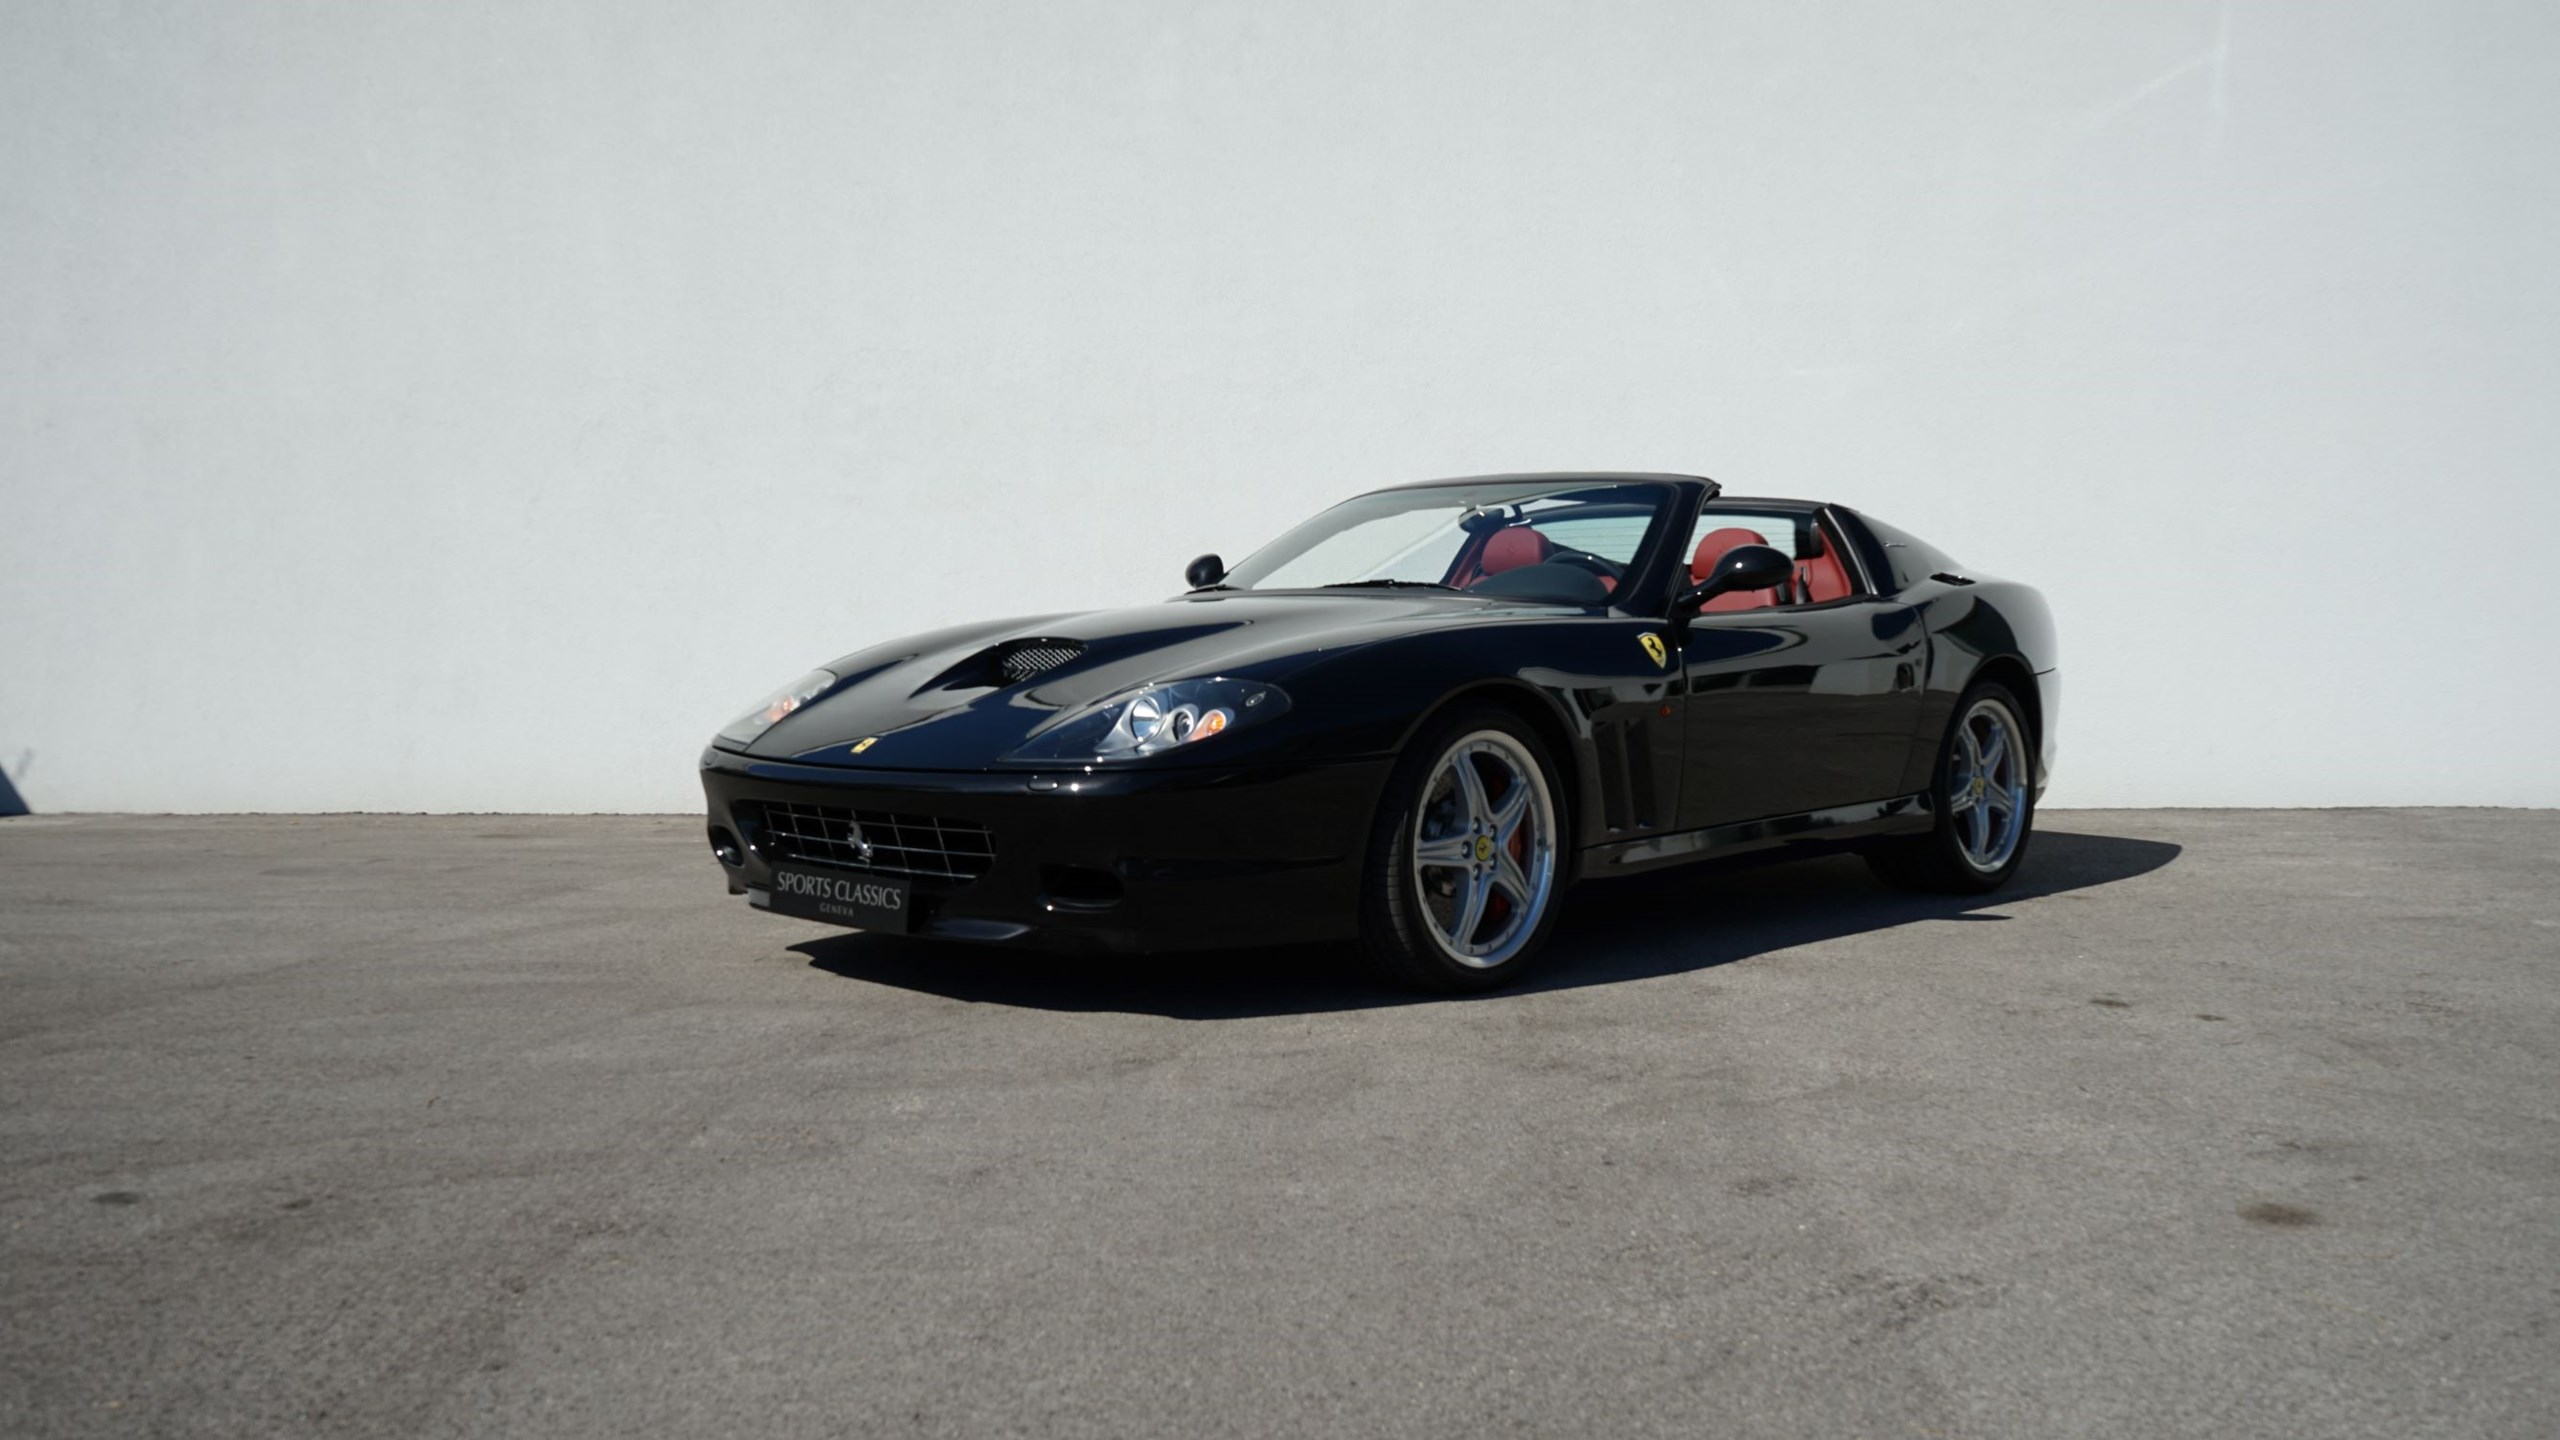 cabriolet Ferrari 575 M 575 Superamerica